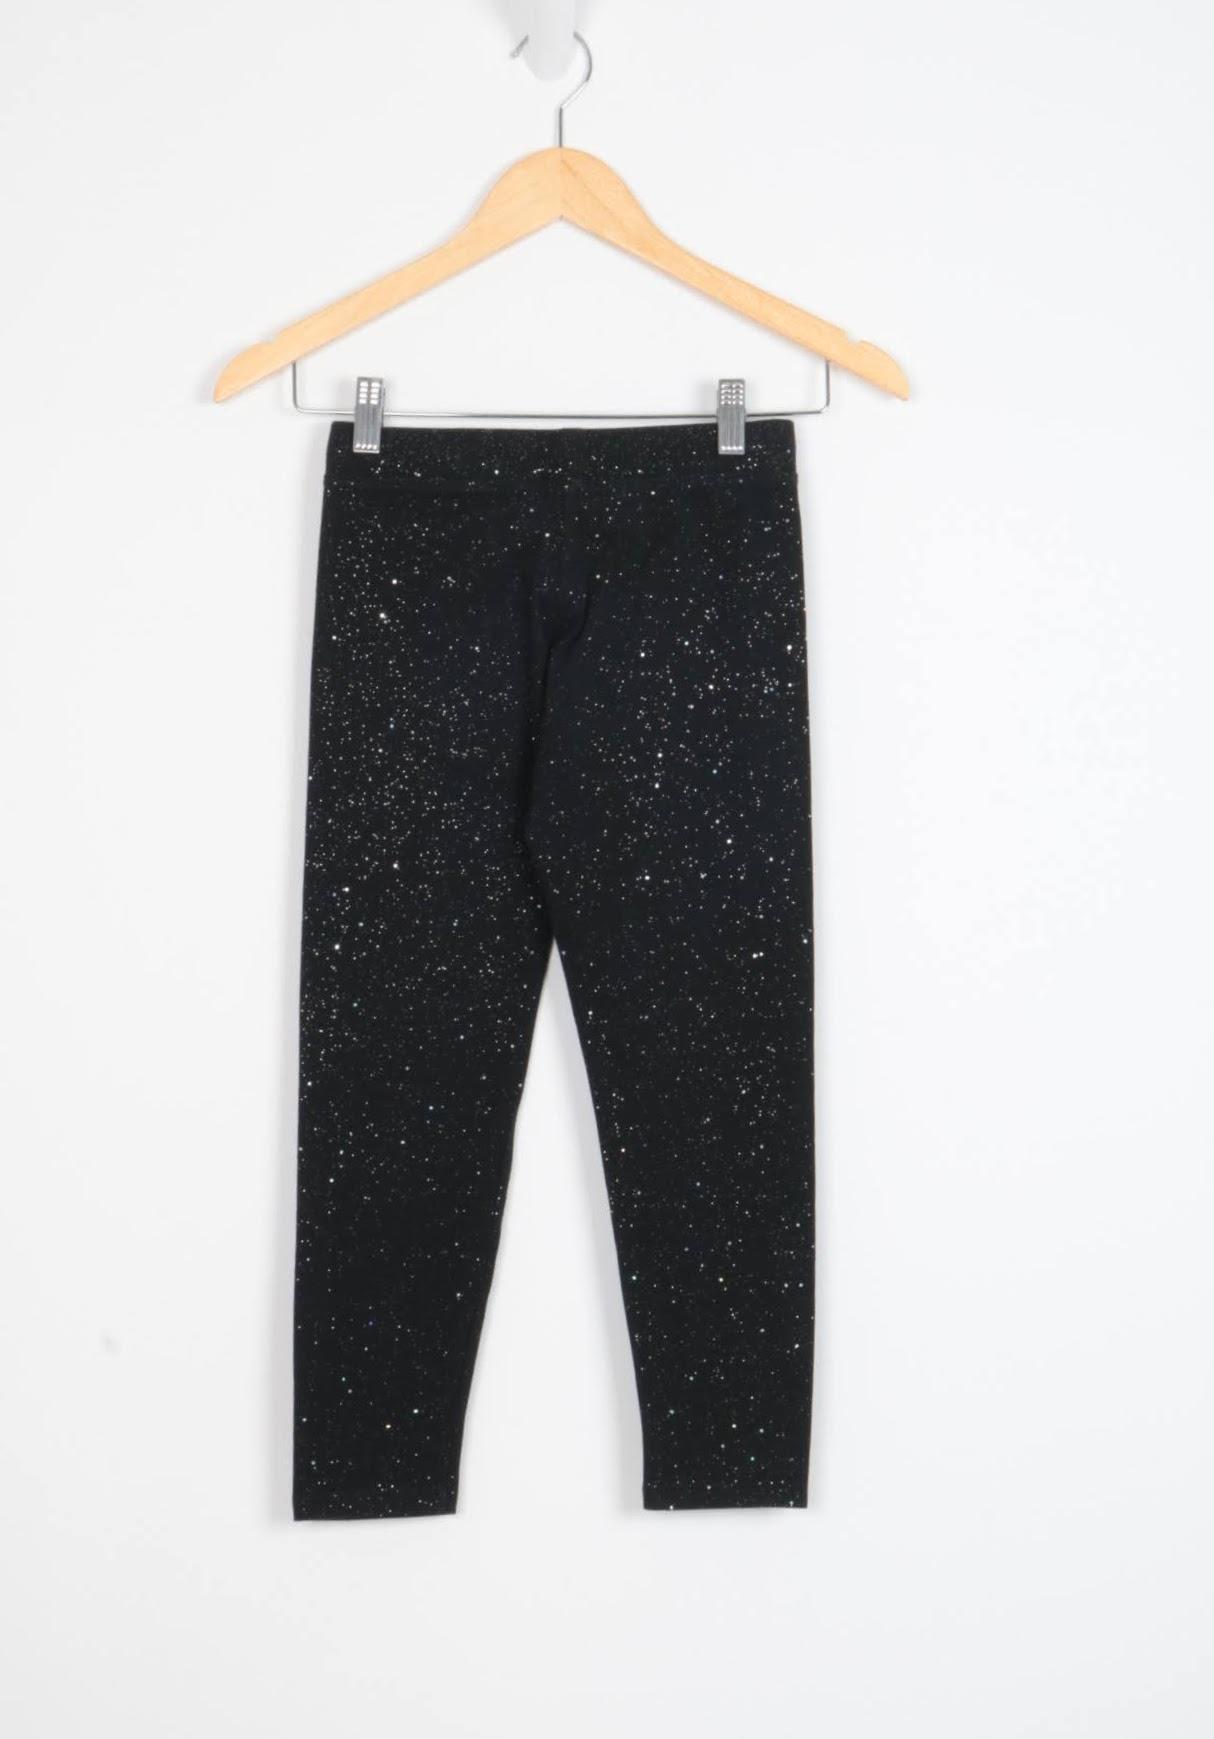 Legging - Gap - 09 Anos